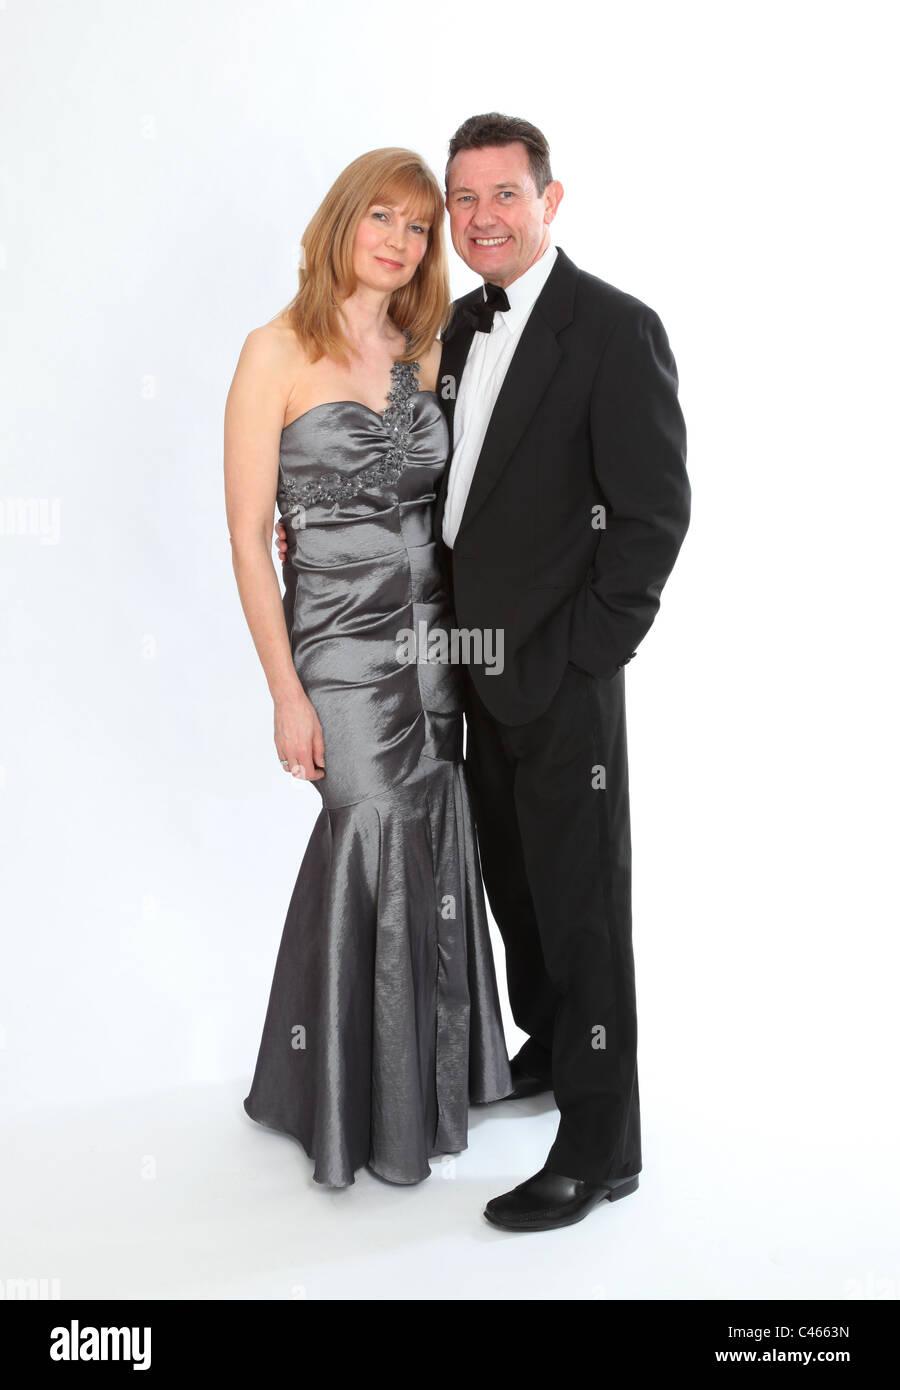 Couple wearing smart formal wear. - Stock Image